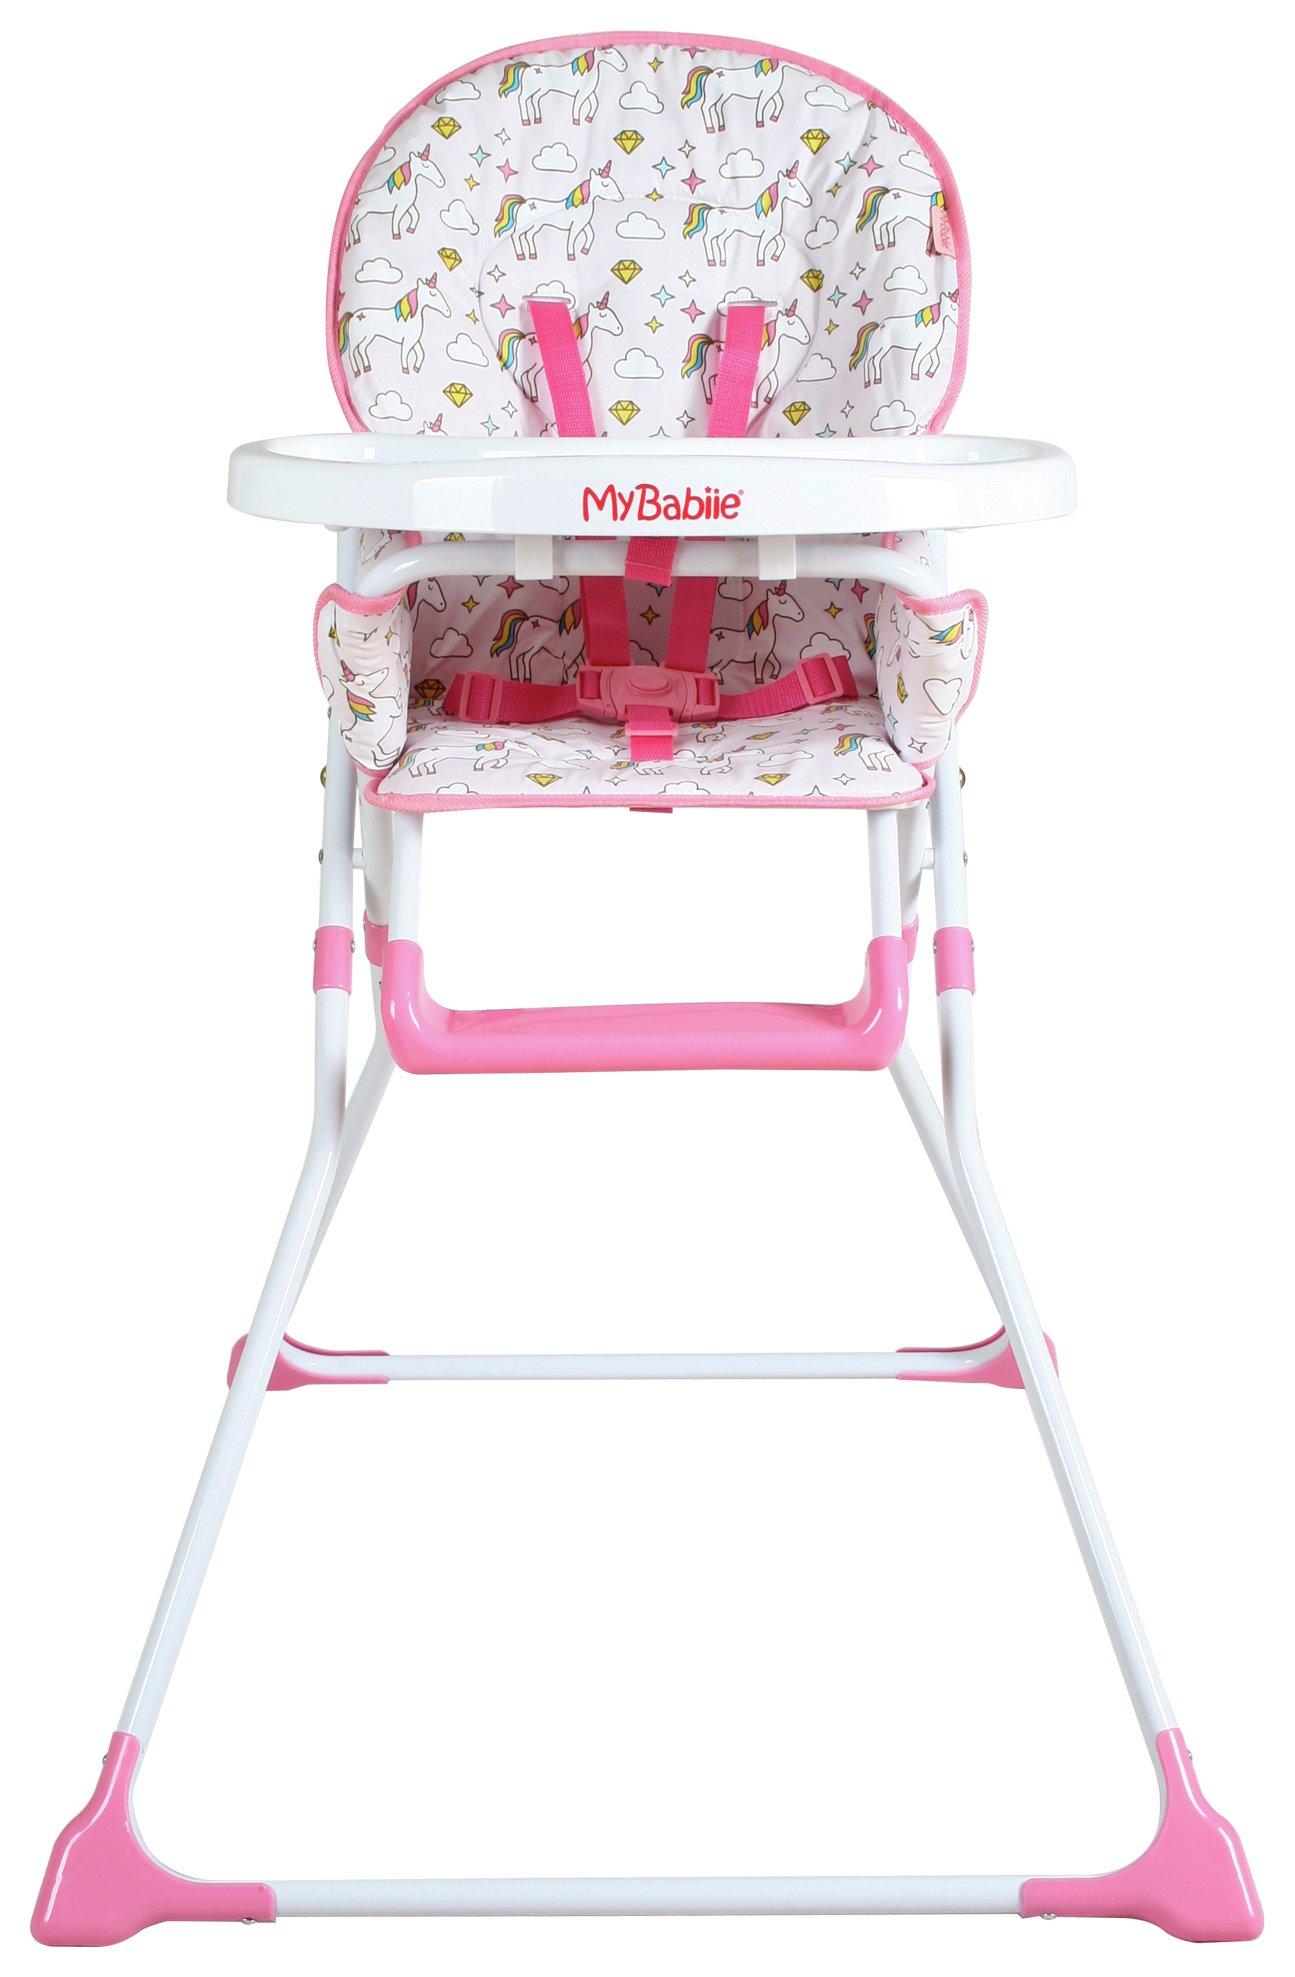 My Babiie MBHC1UN Unicorn Highchair